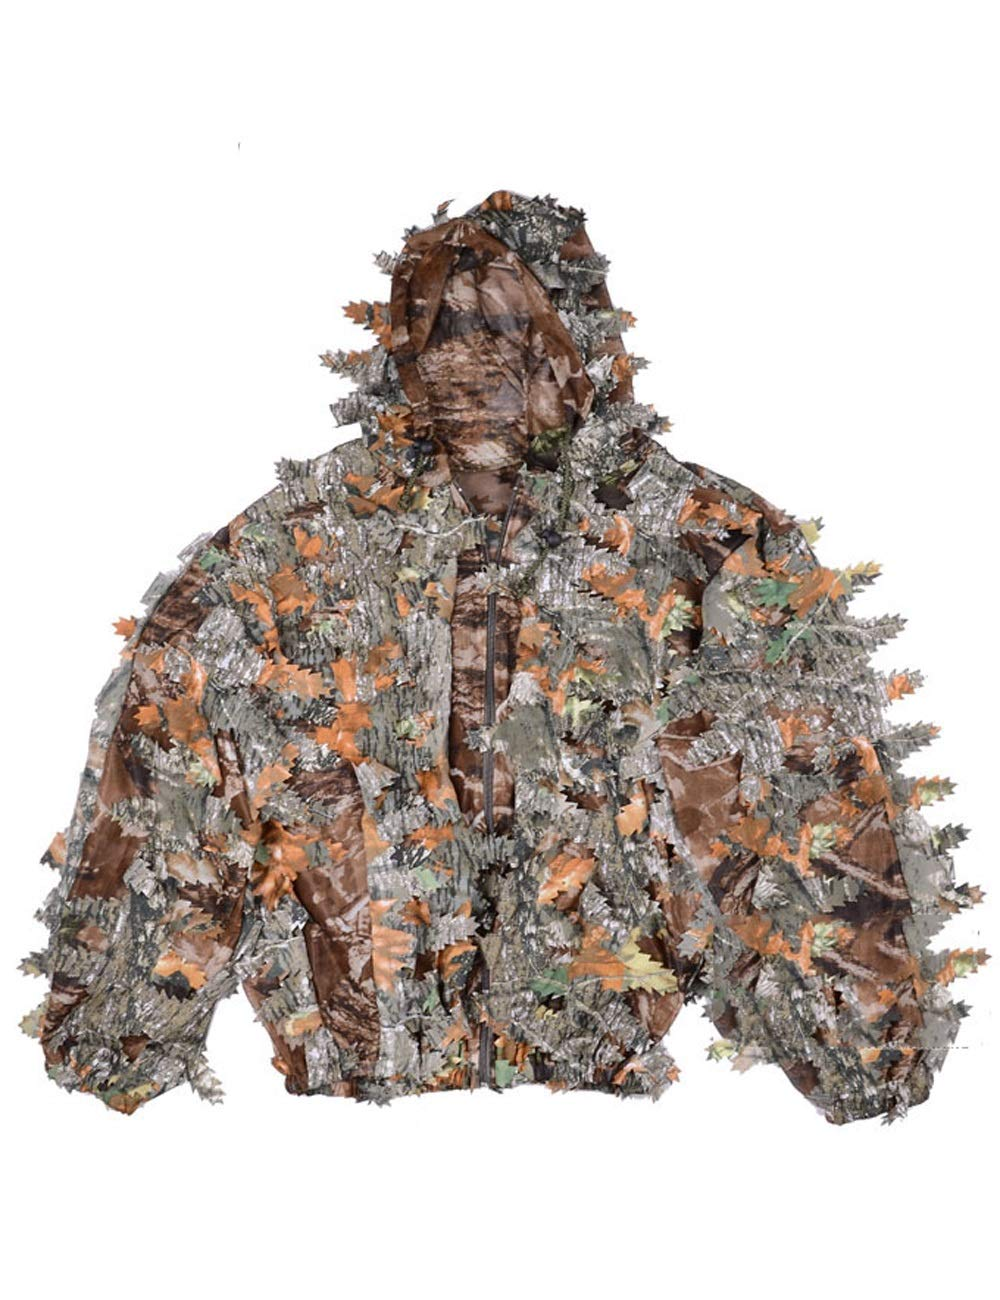 AKMQBZ Camouflage Farbe Stoff Dschungel Camouflage Bionic Camouflage Jagd Anzug Camouflage Uniform - eine Größe (Zwei optional)